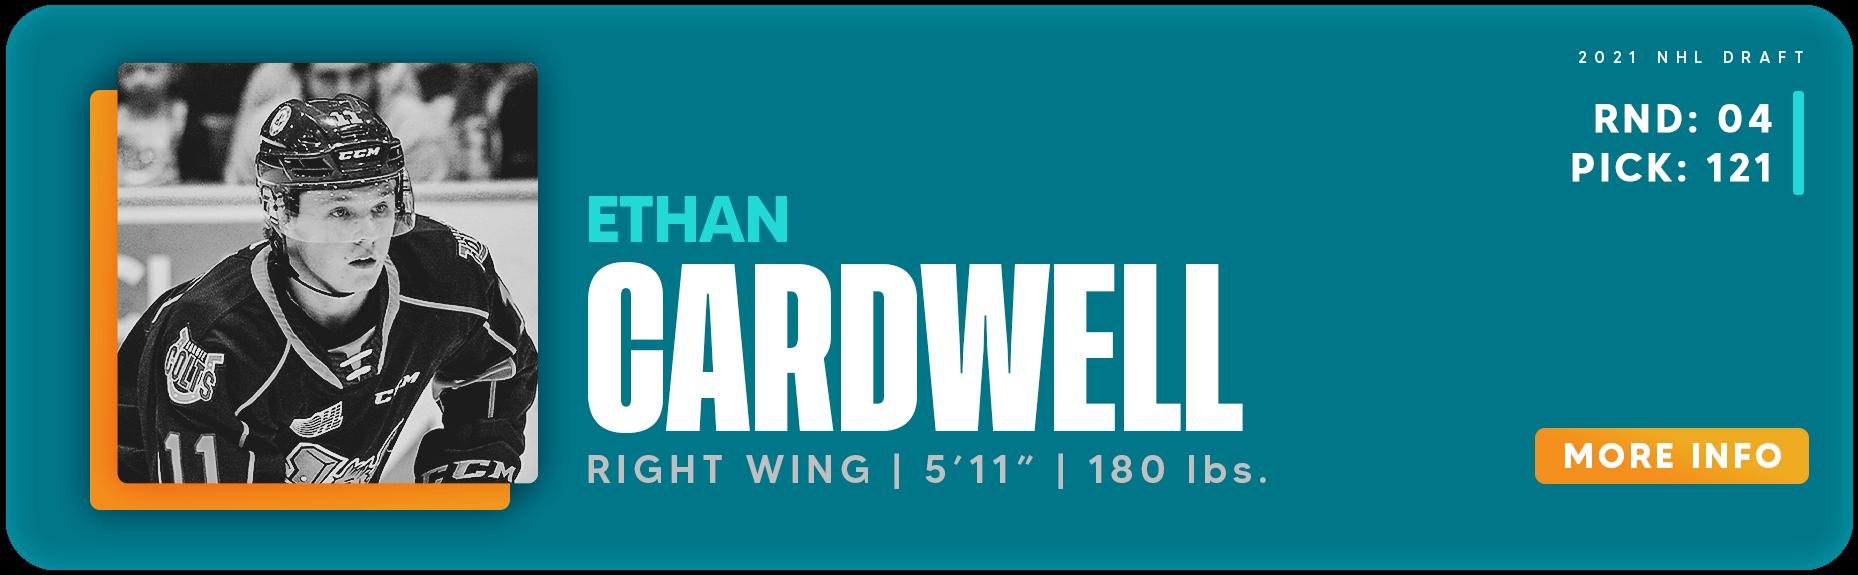 Ethan Cardwell